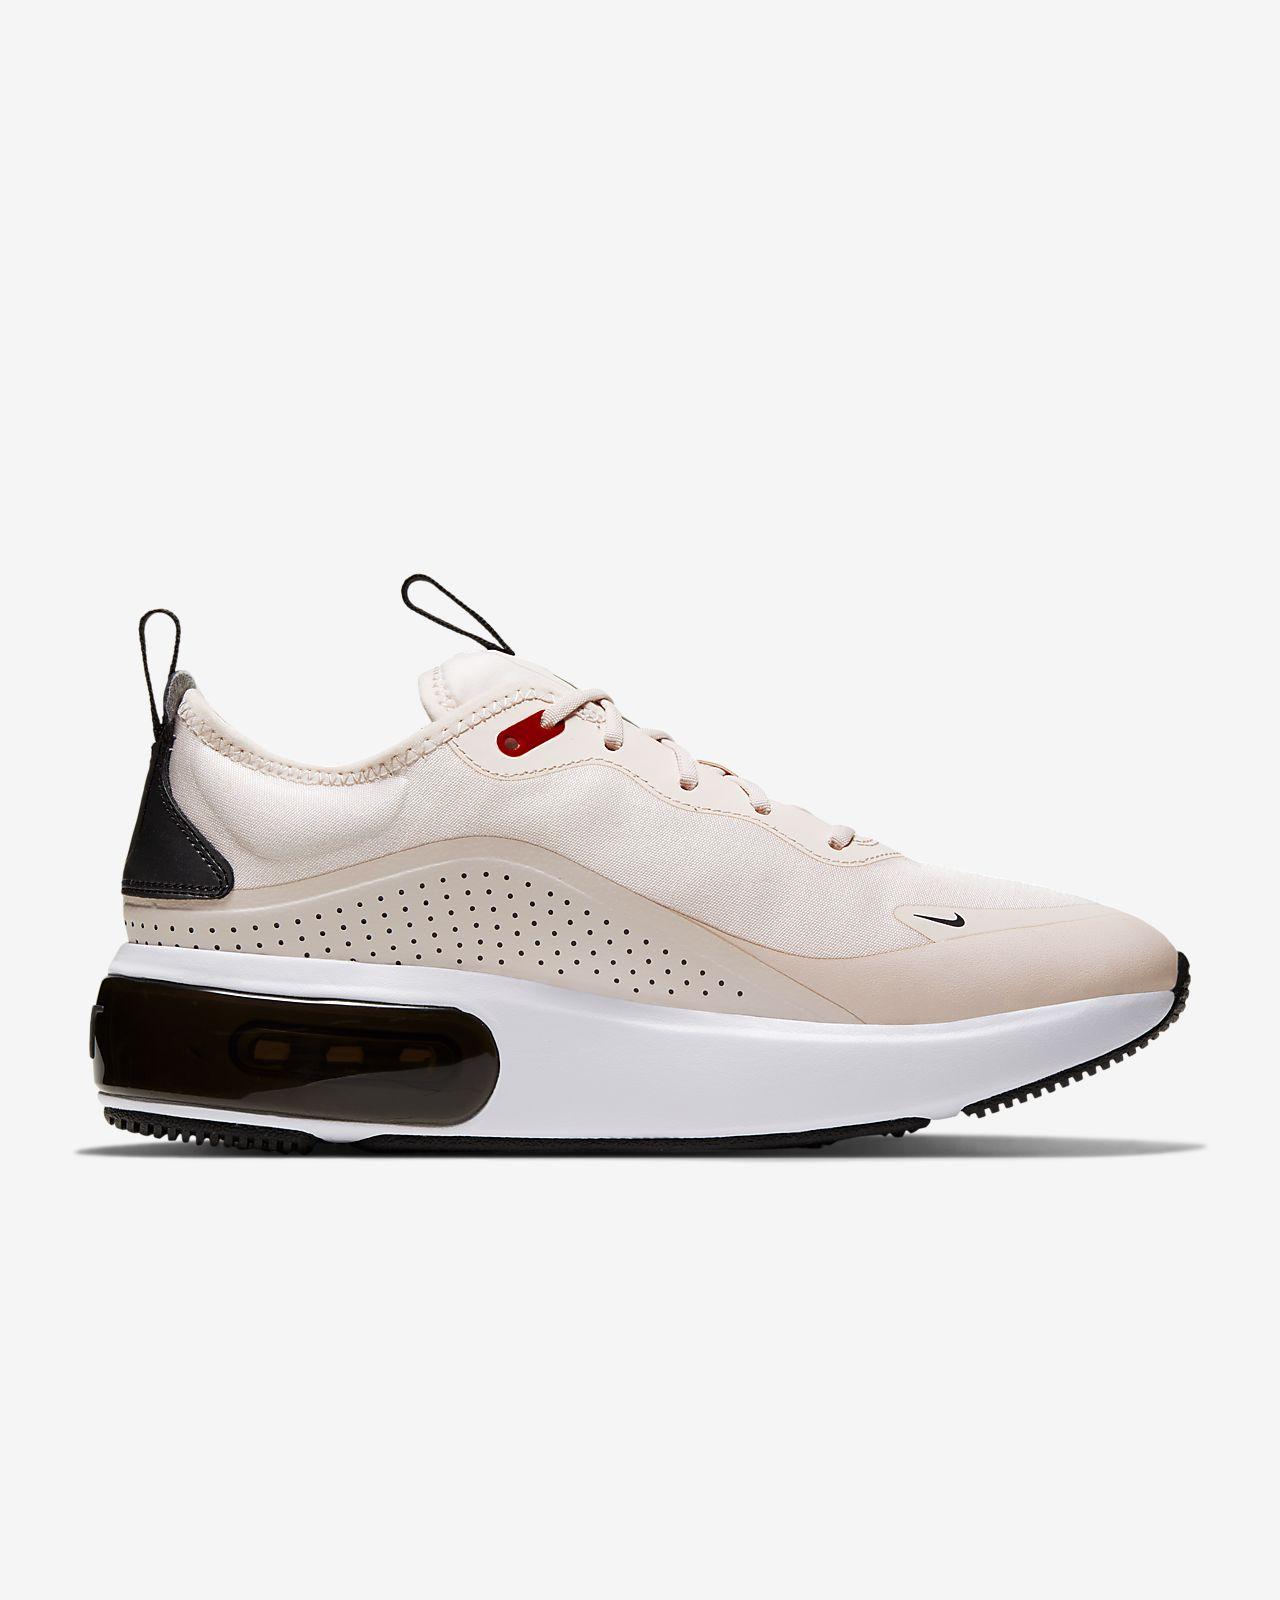 Nike Air Max Dia Dam | Size?